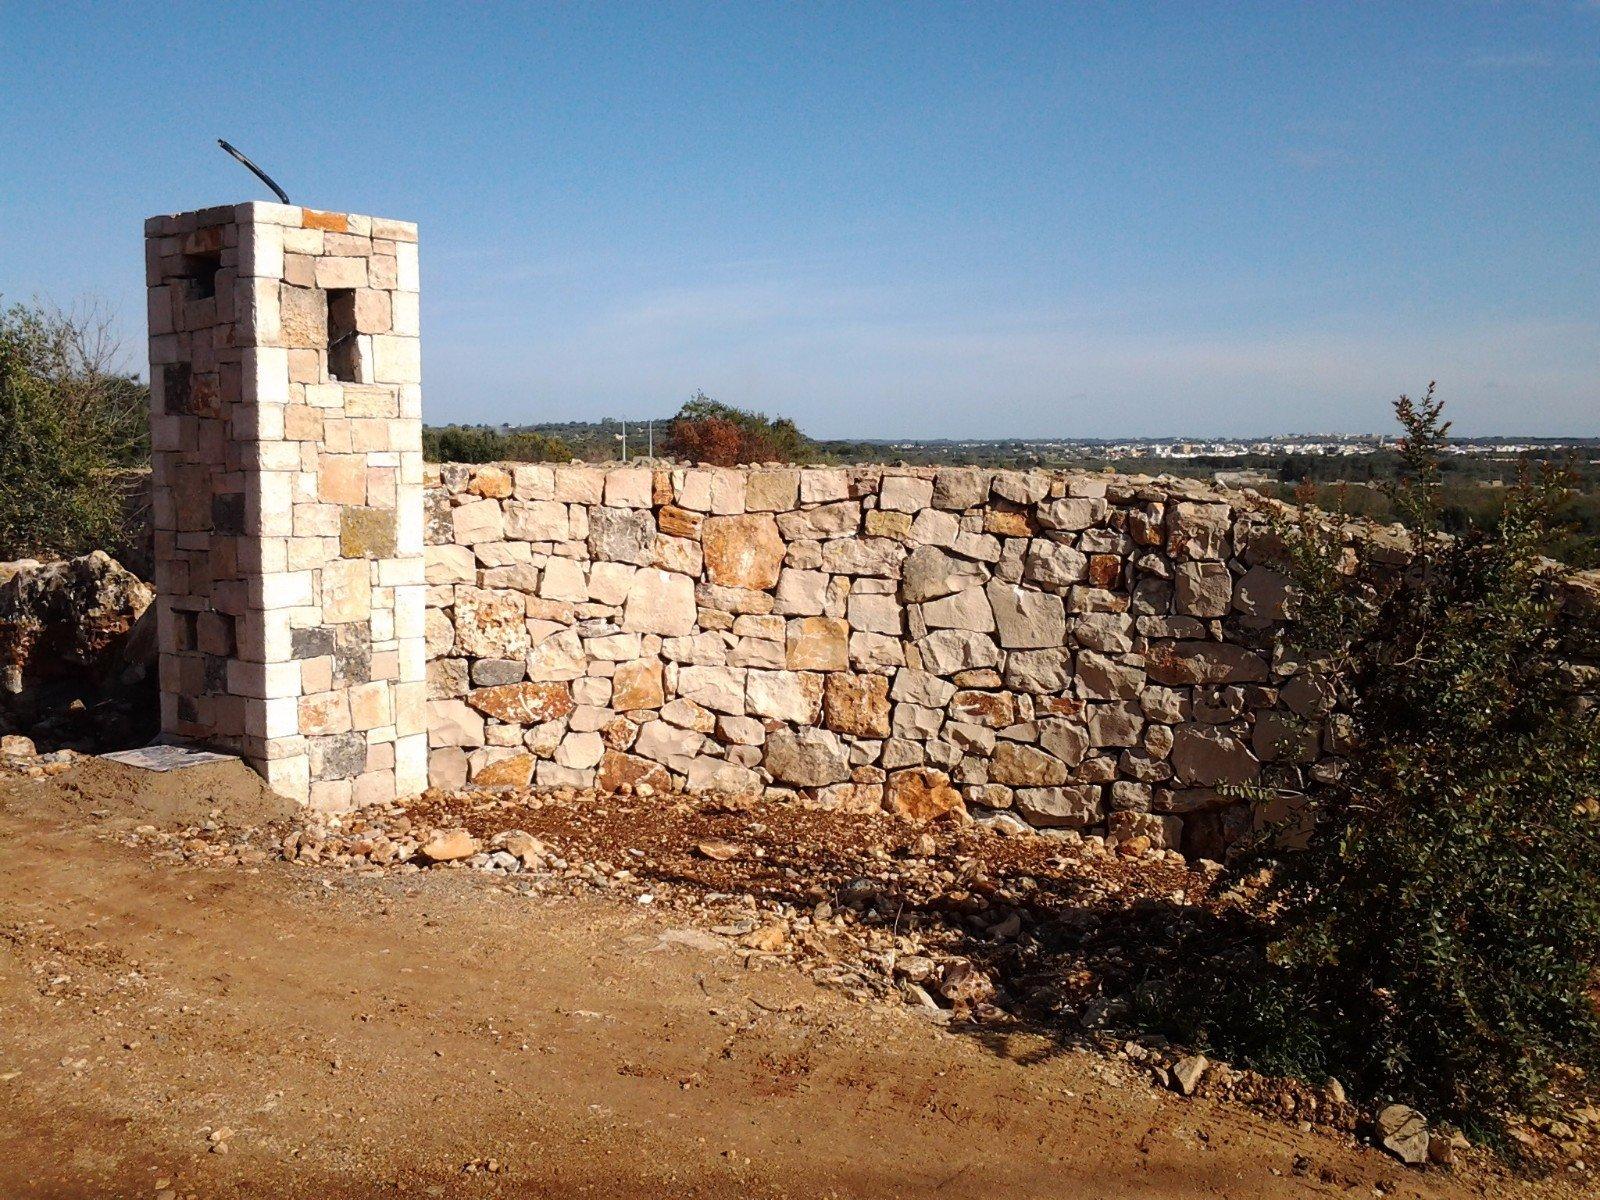 Muro esterno in pietra a vista